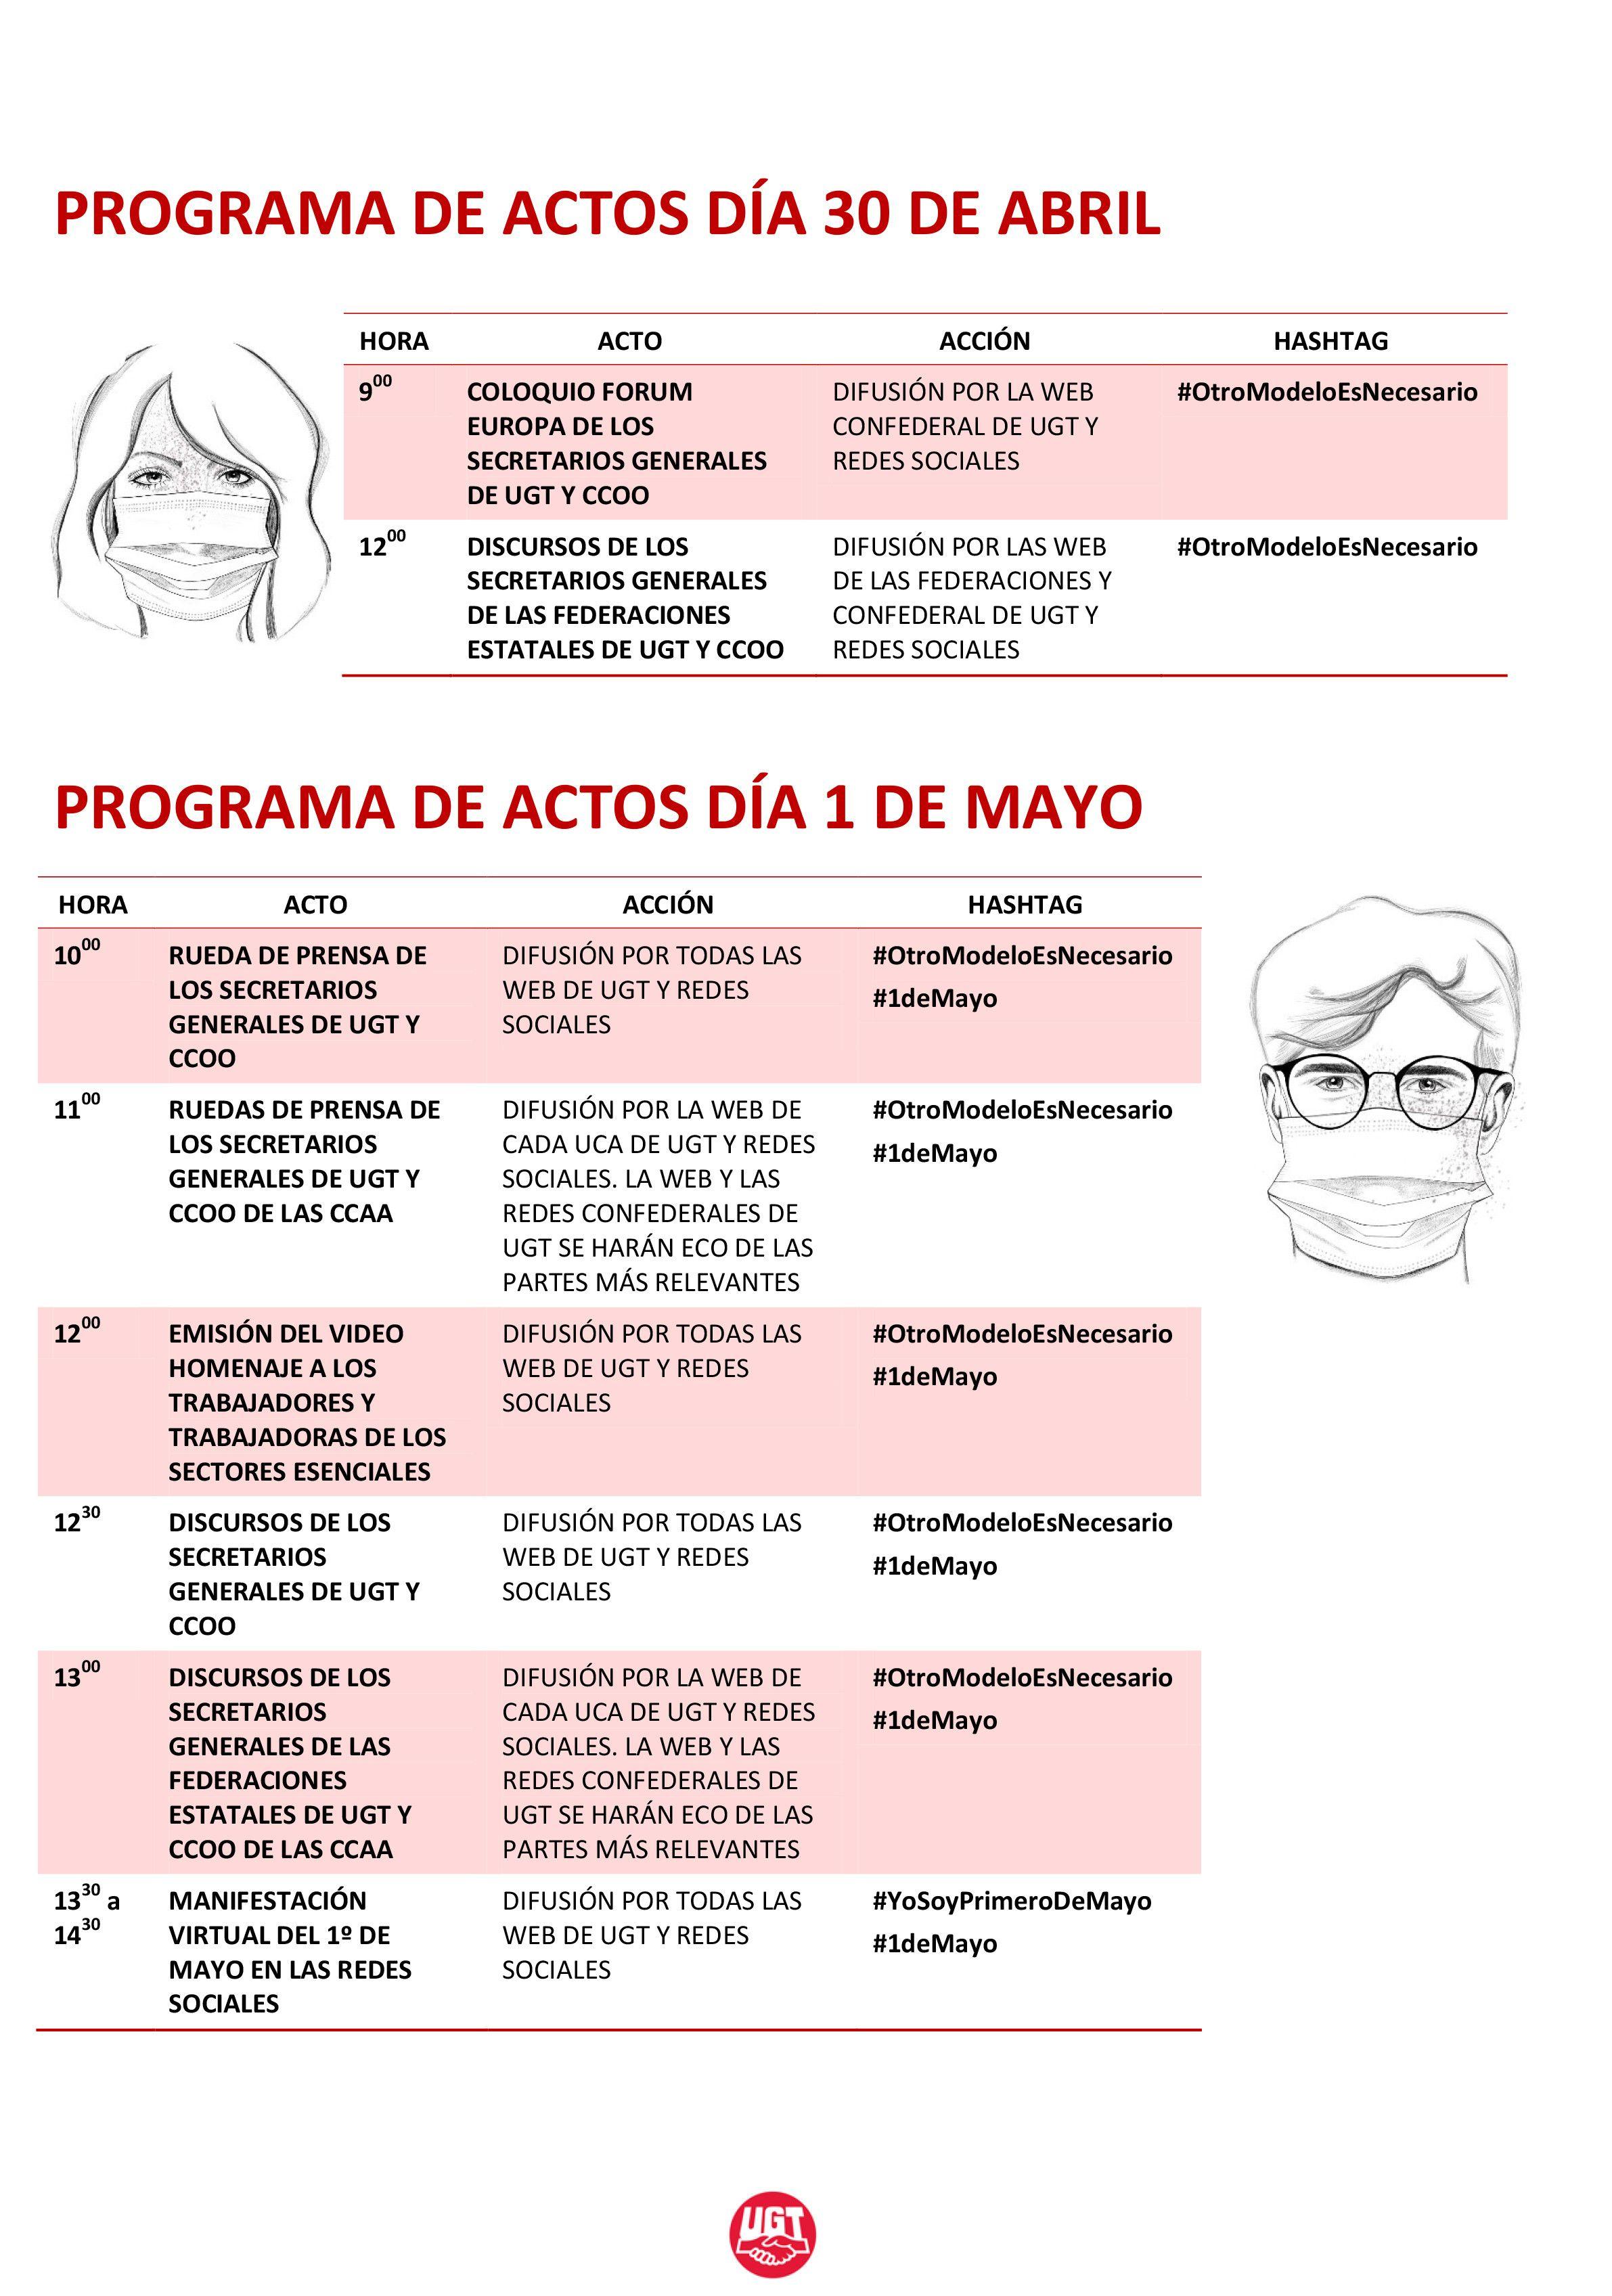 PROGRAMA ACTOS 1 DE MAYO 2